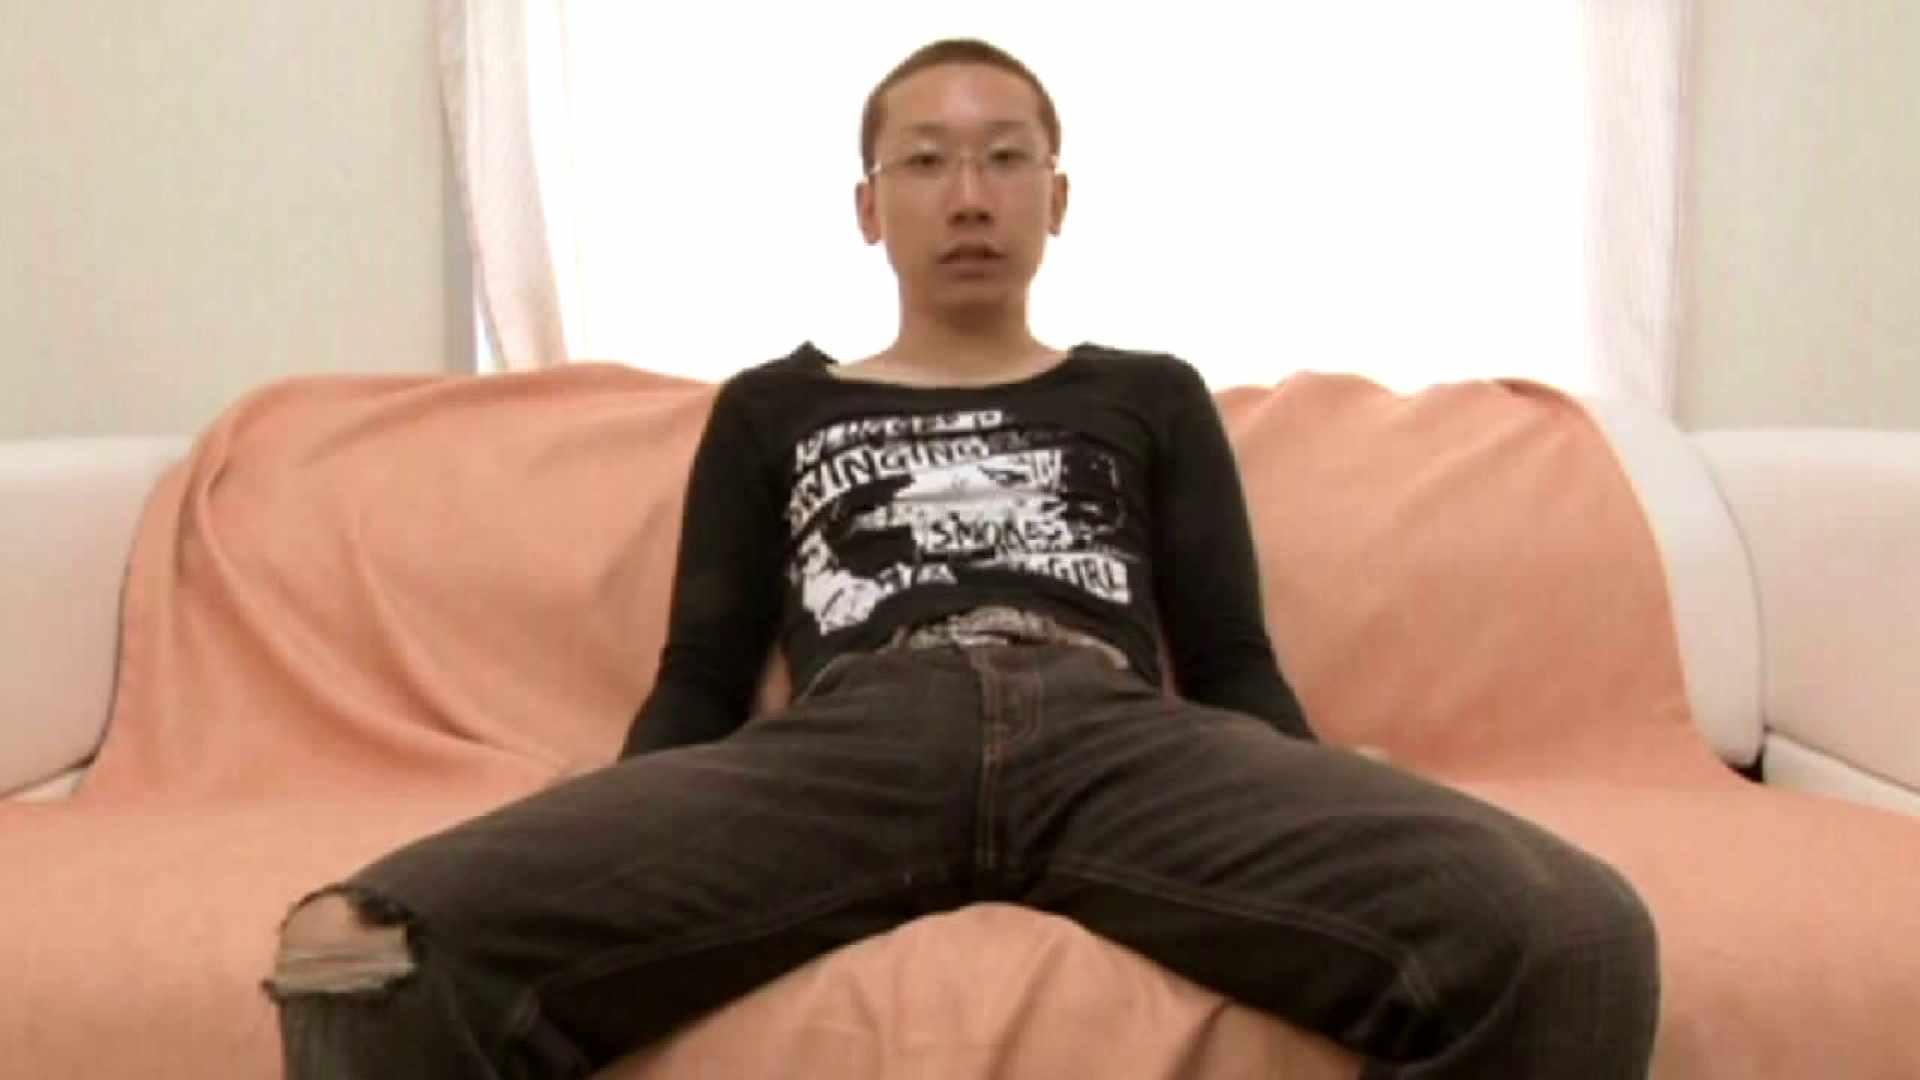 ノンケ!自慰スタジオ No.01 ゲイの自慰 ゲイ無修正ビデオ画像 96pic 34